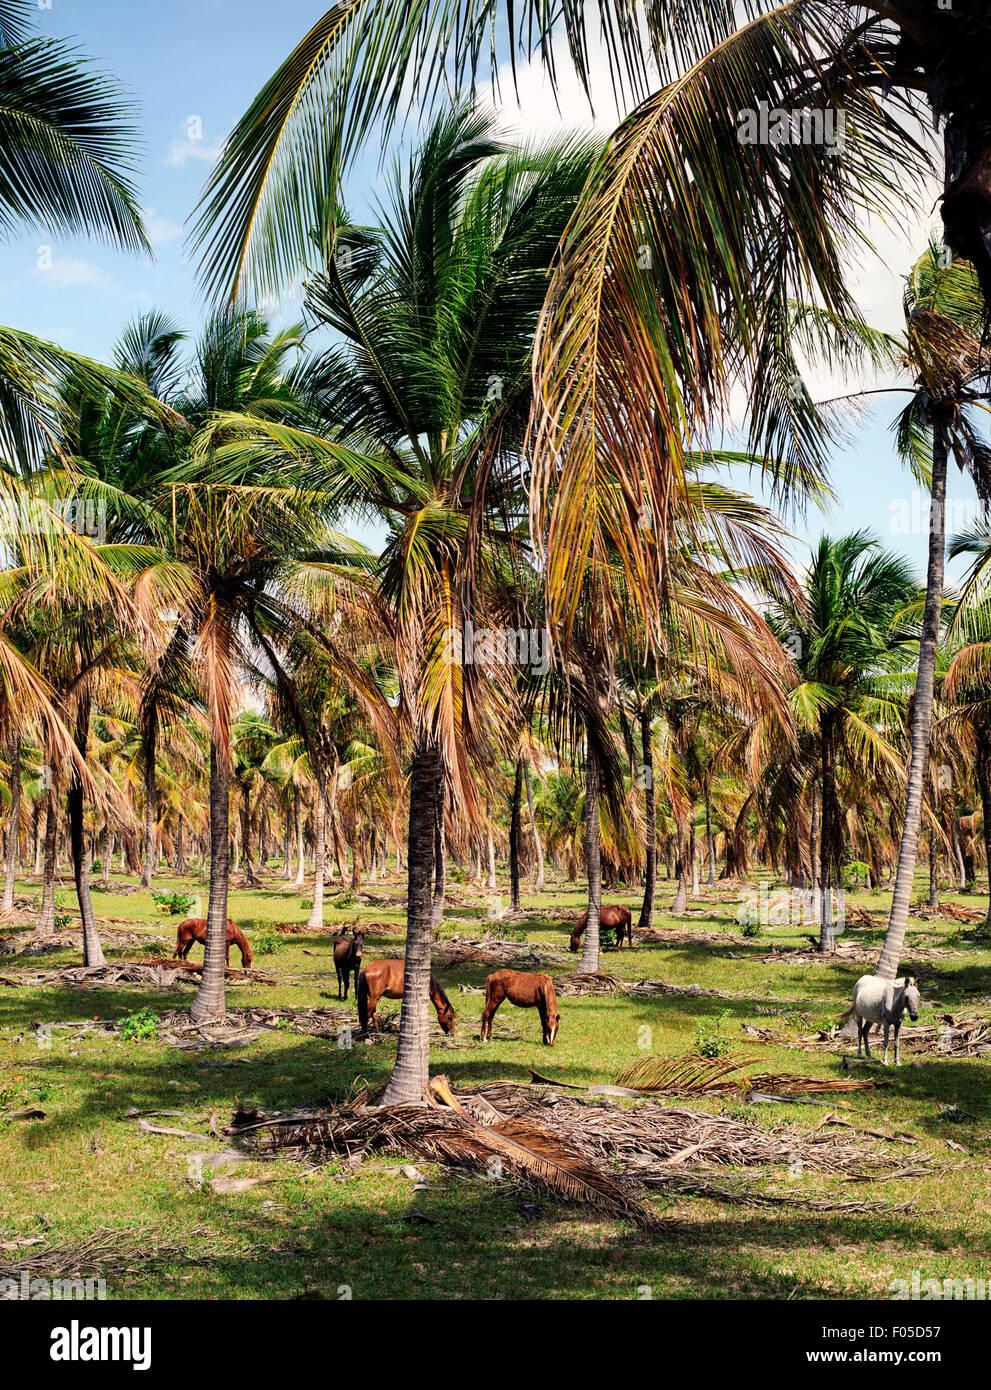 Los caballos pastan en un campo de palmeras, cerca del norte de Brasil Brasil Jericoacara Imagen De Stock